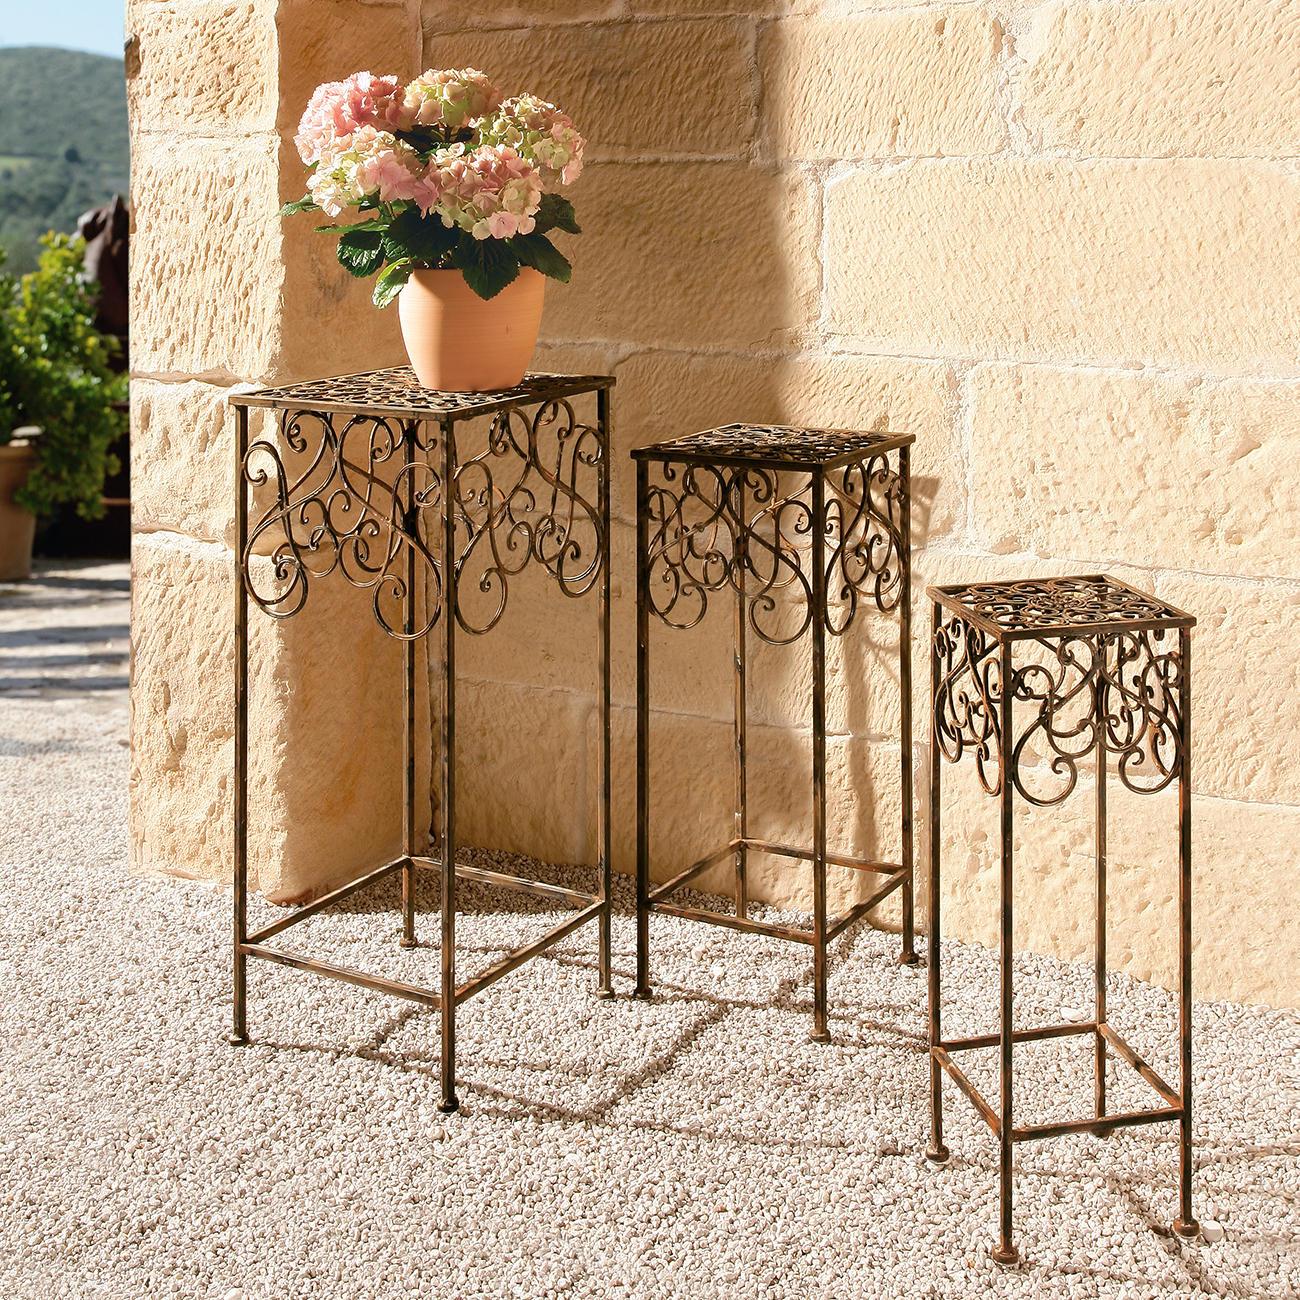 pflanzenst nder 3er set 3 jahre garantie pro idee. Black Bedroom Furniture Sets. Home Design Ideas